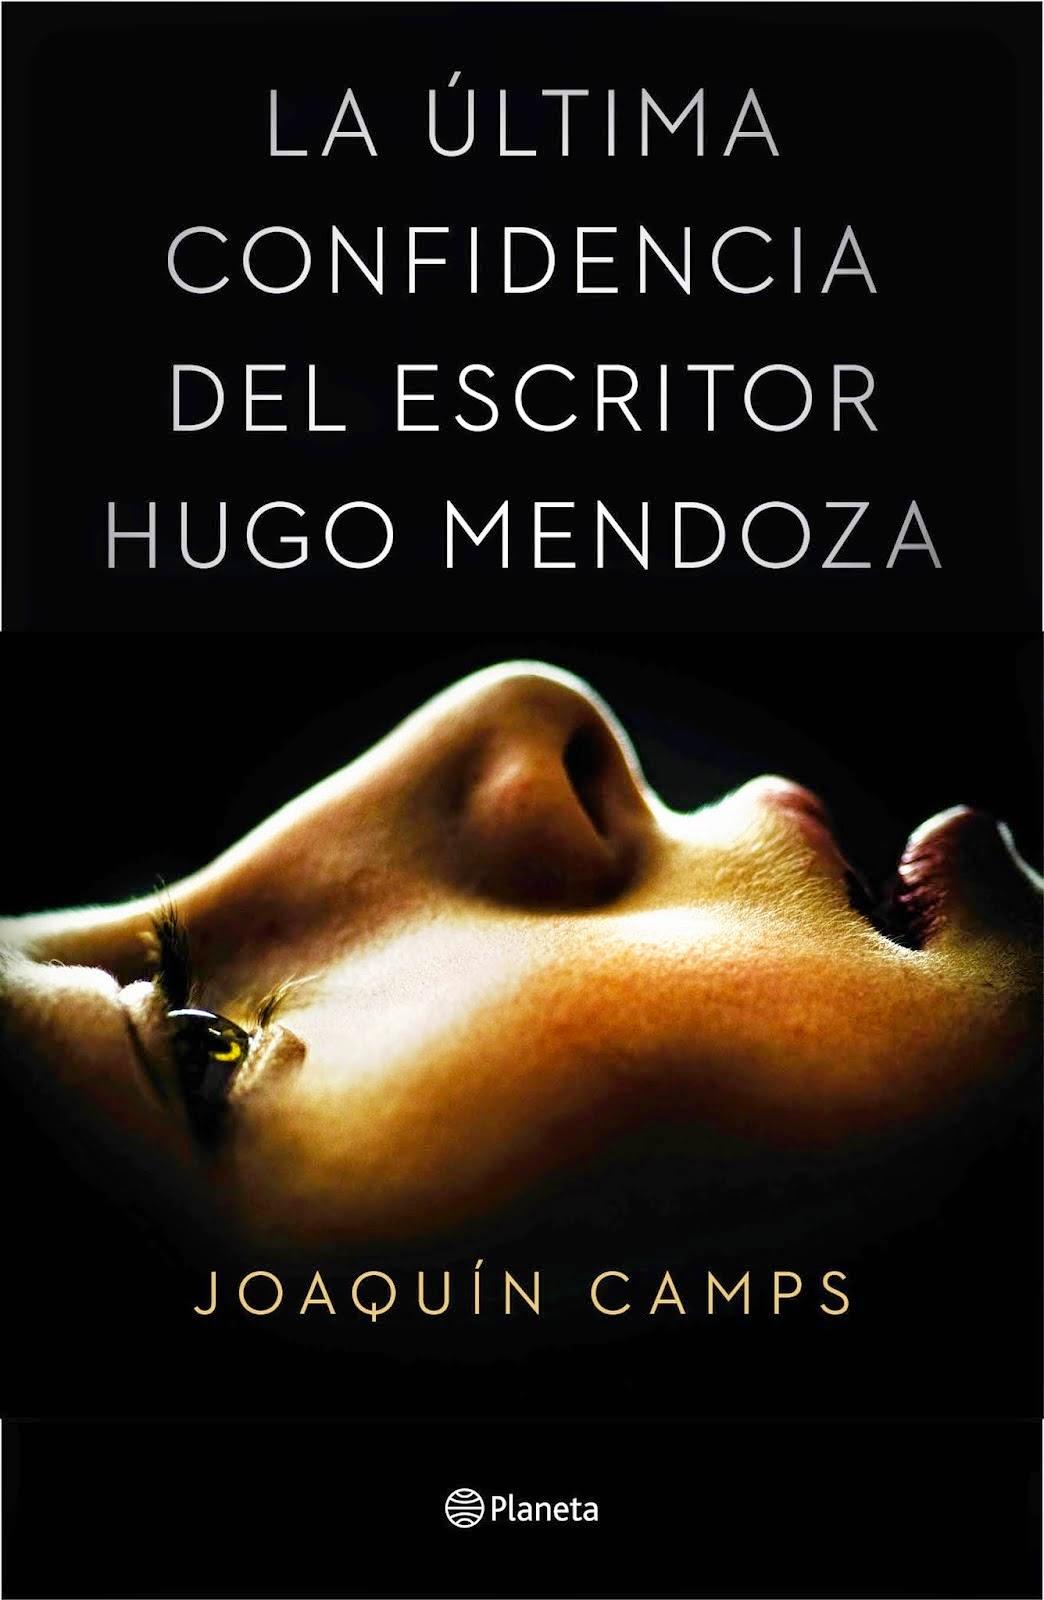 La última confidencia del escritor Hugo Mendoza - Joaquín Camps (2015)